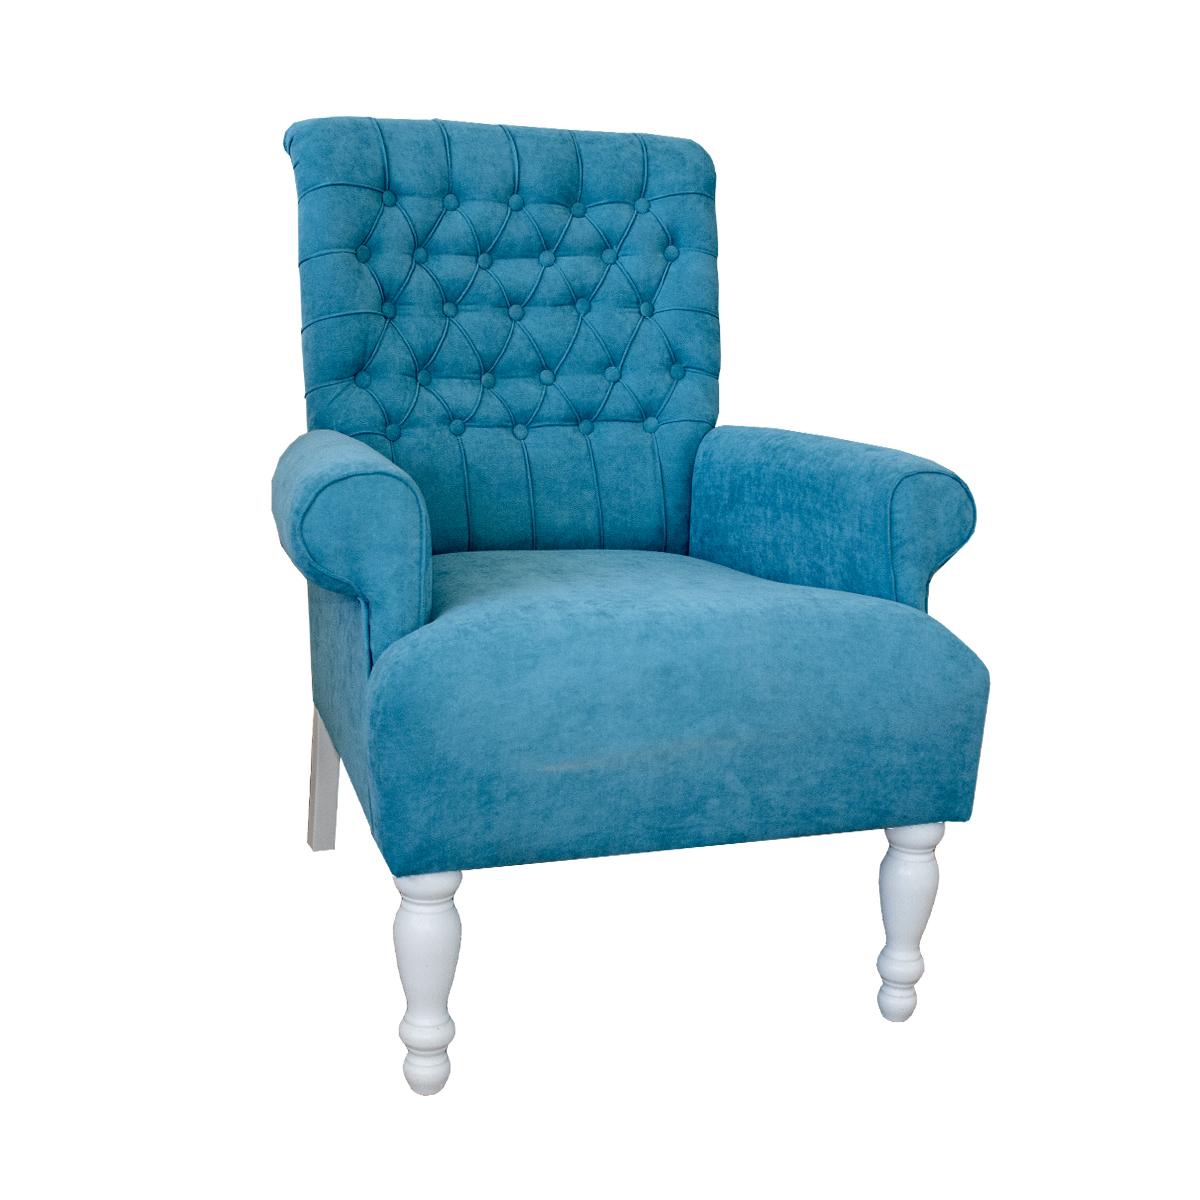 sessel gent mit moderner knopfheftung im r cken moebel. Black Bedroom Furniture Sets. Home Design Ideas